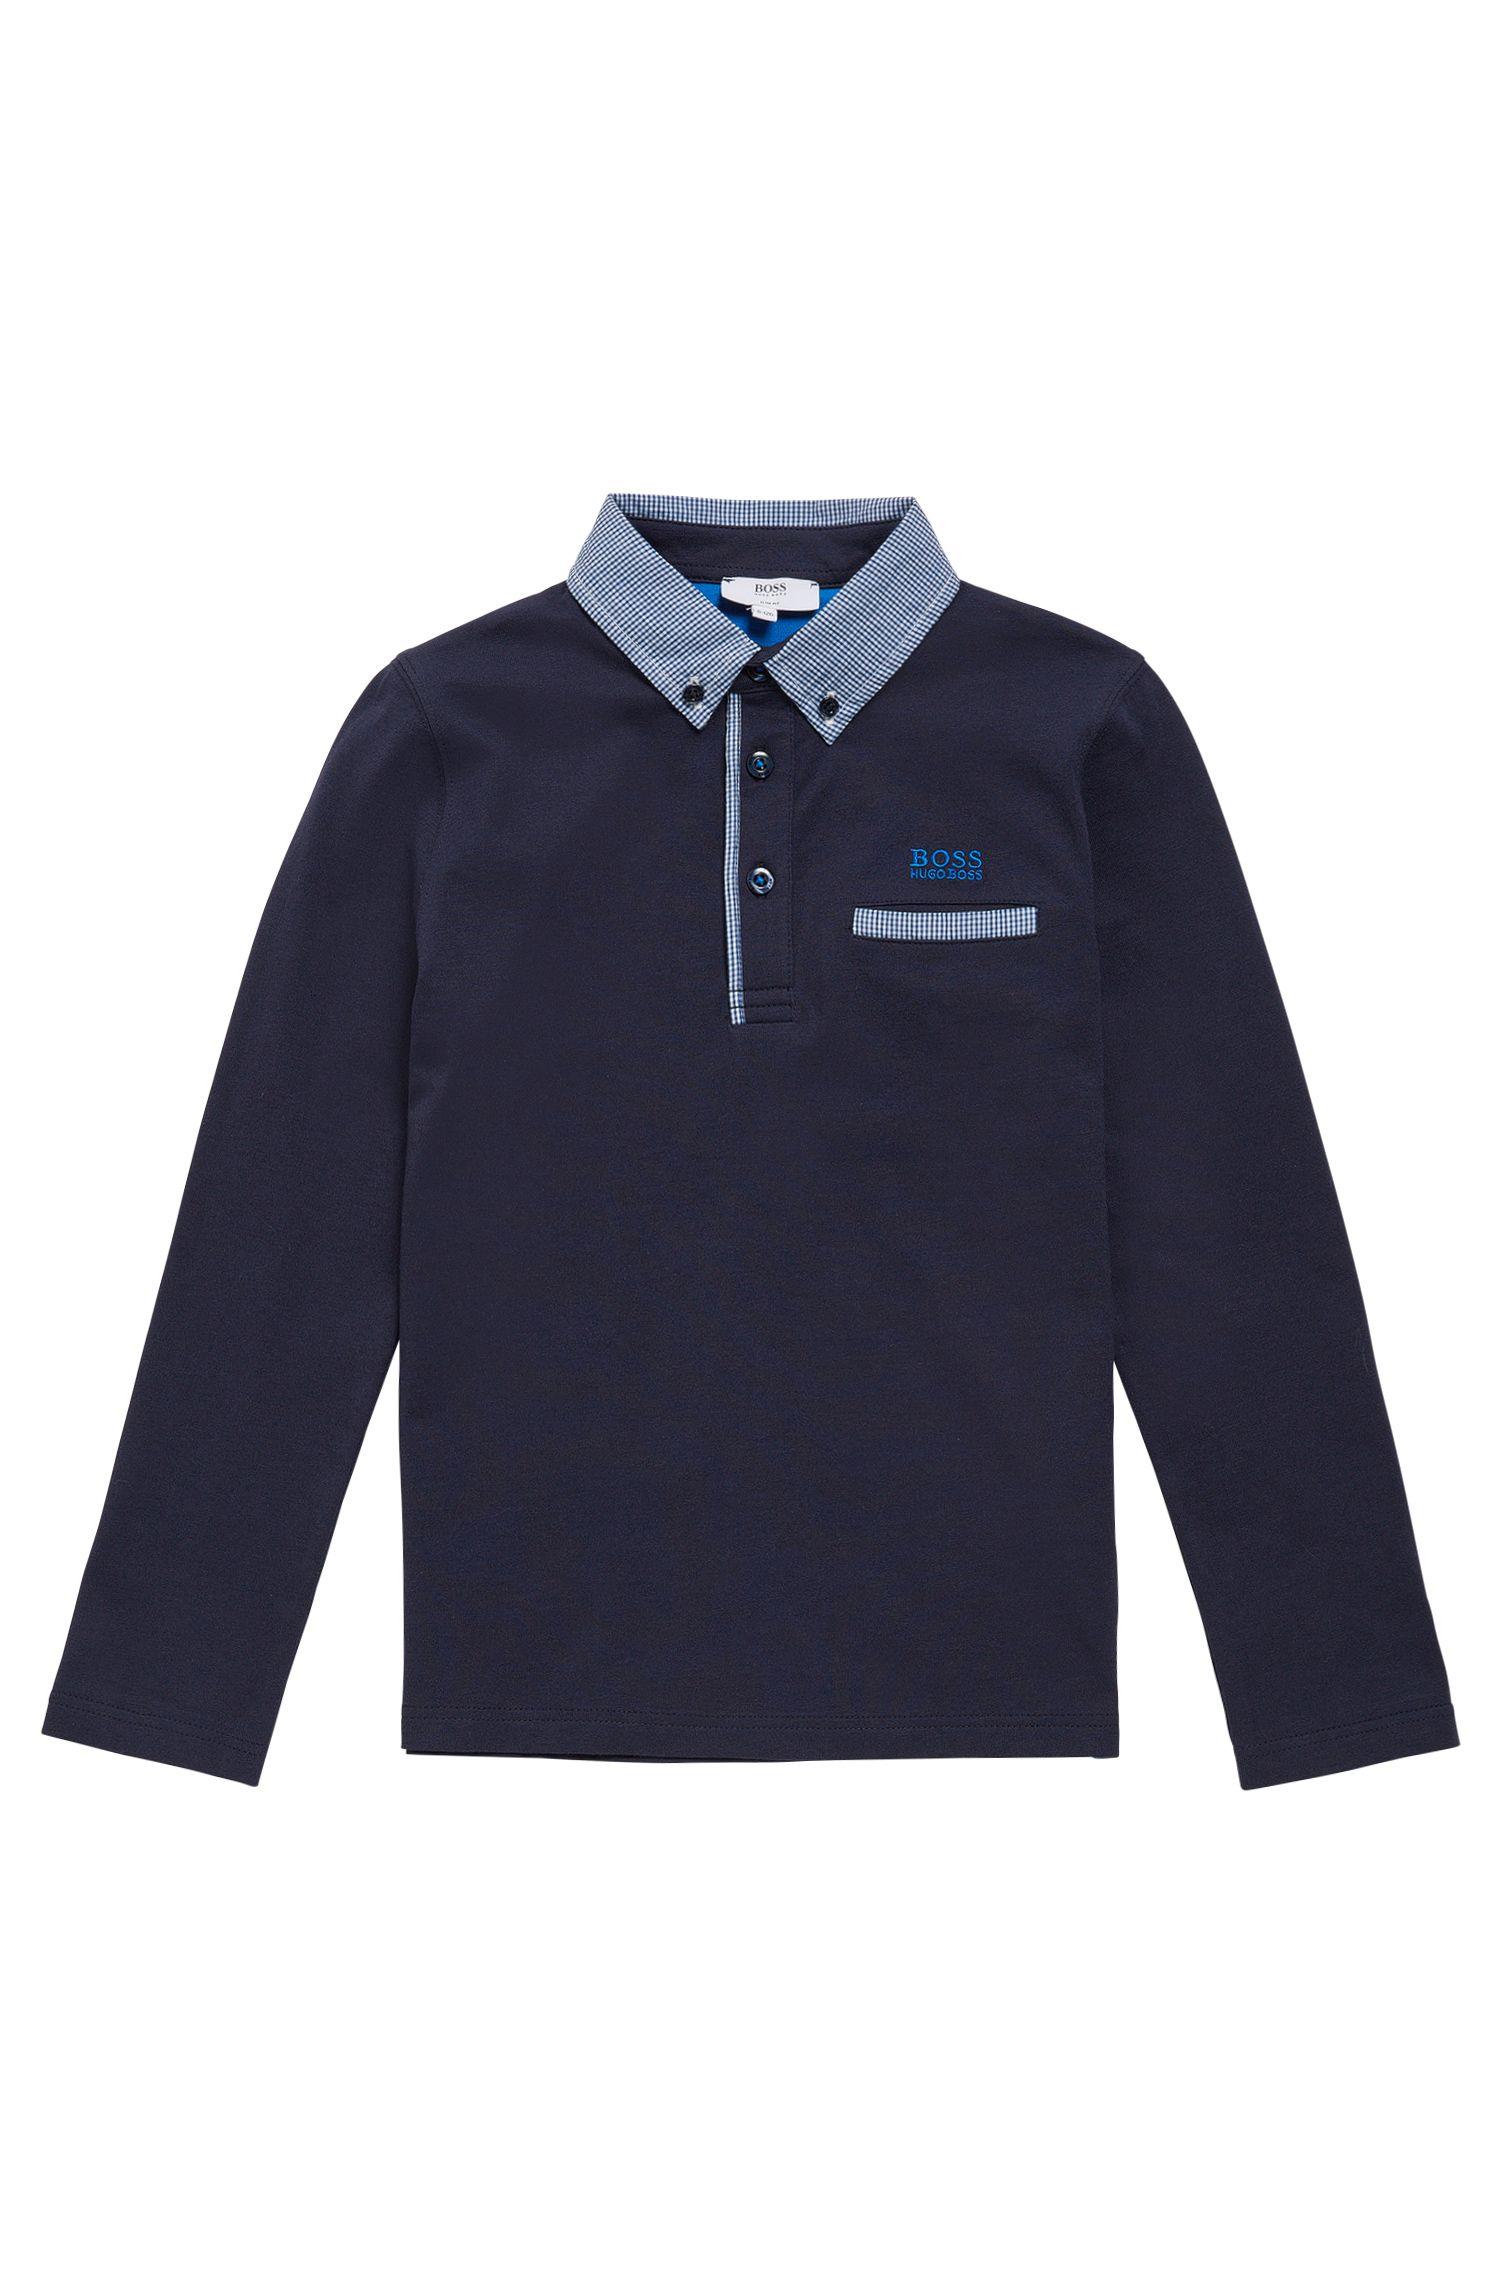 'J25993' | Boys Cotton Polo Shirt